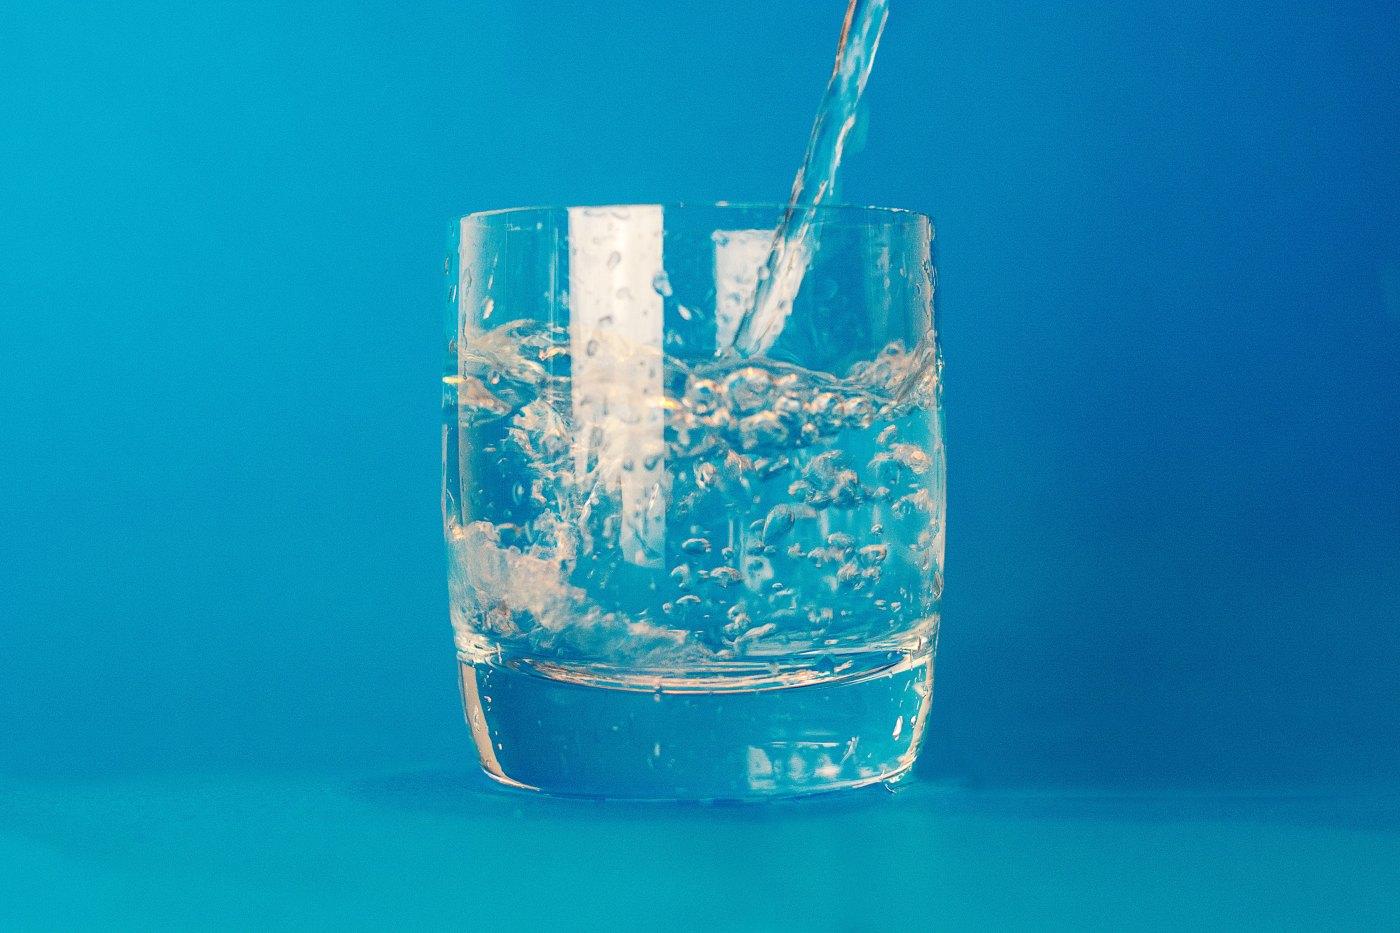 air-putih